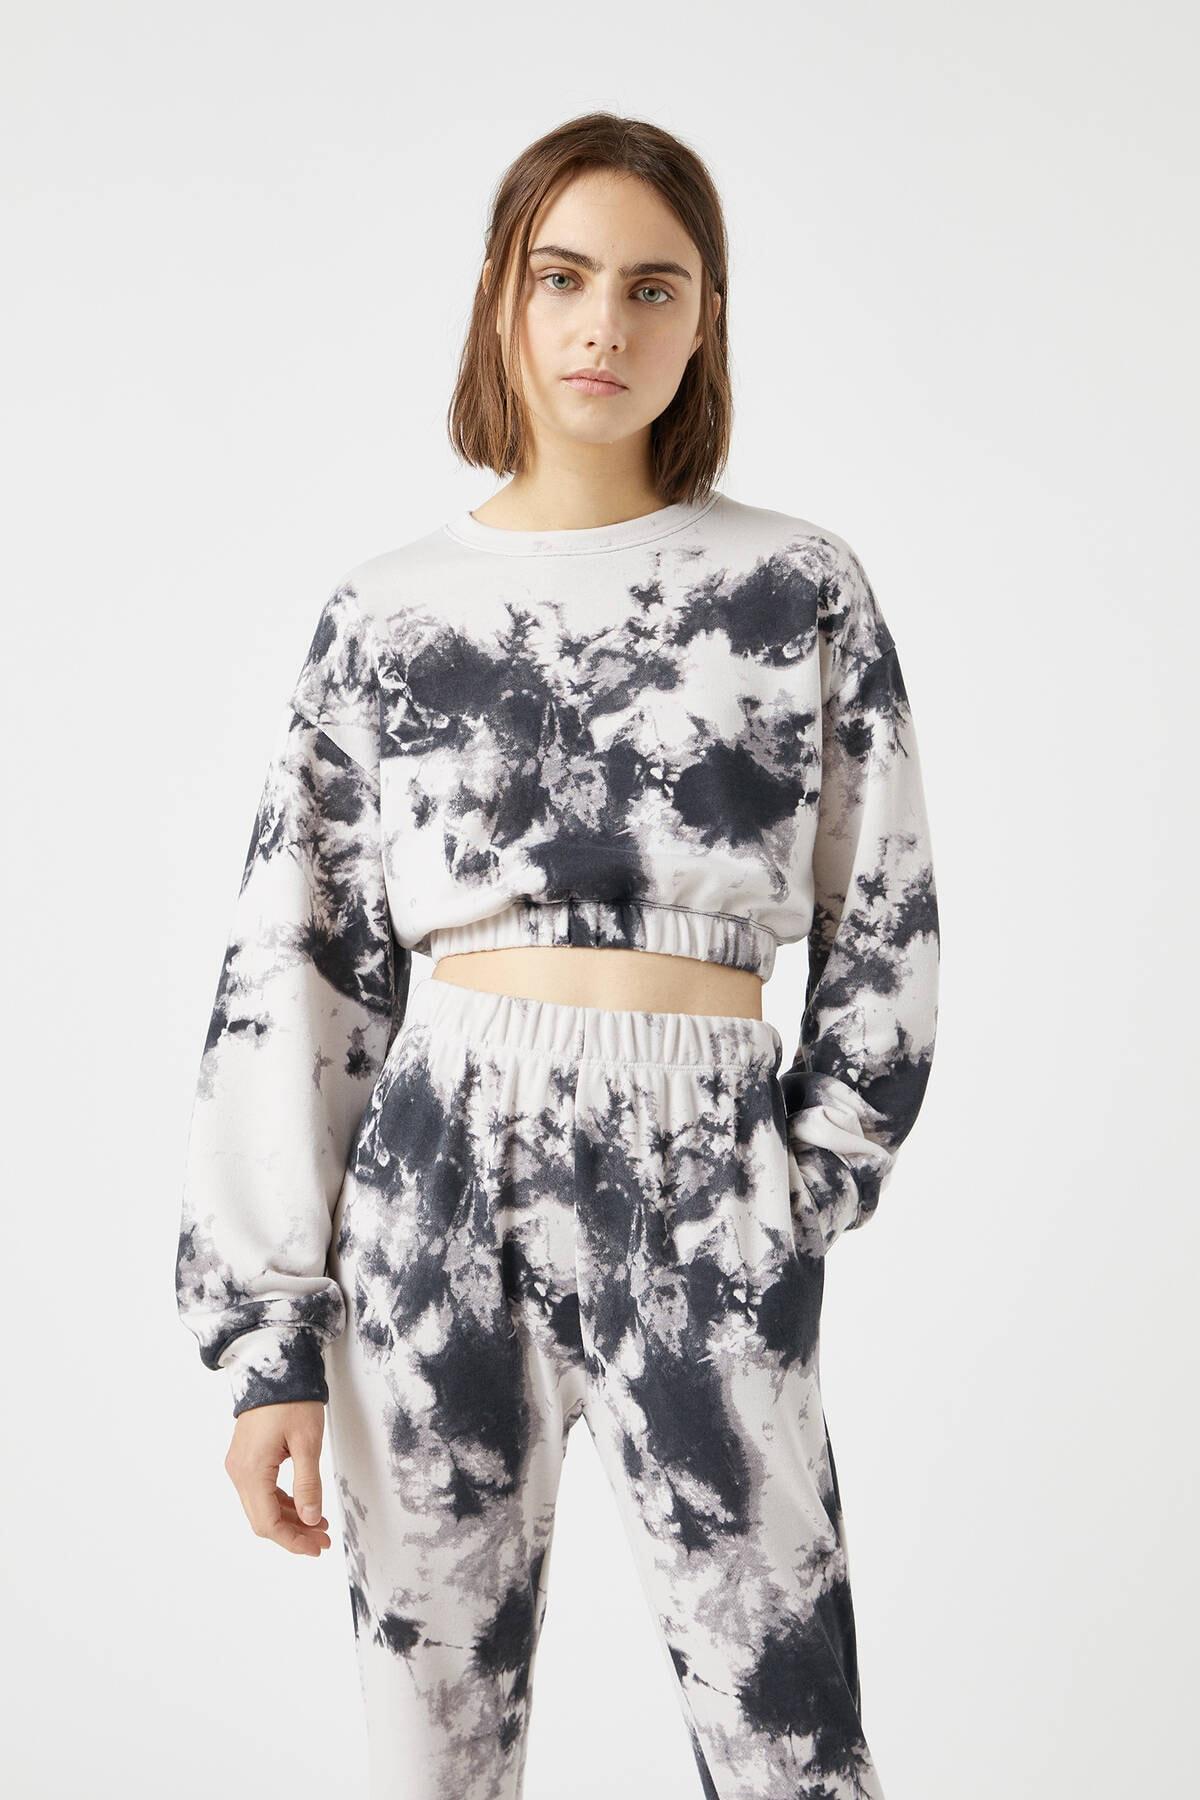 Pull & Bear Kadın Taş Rengi Elastik Kenarlı Batik Desenli Sweatshirt 04591323